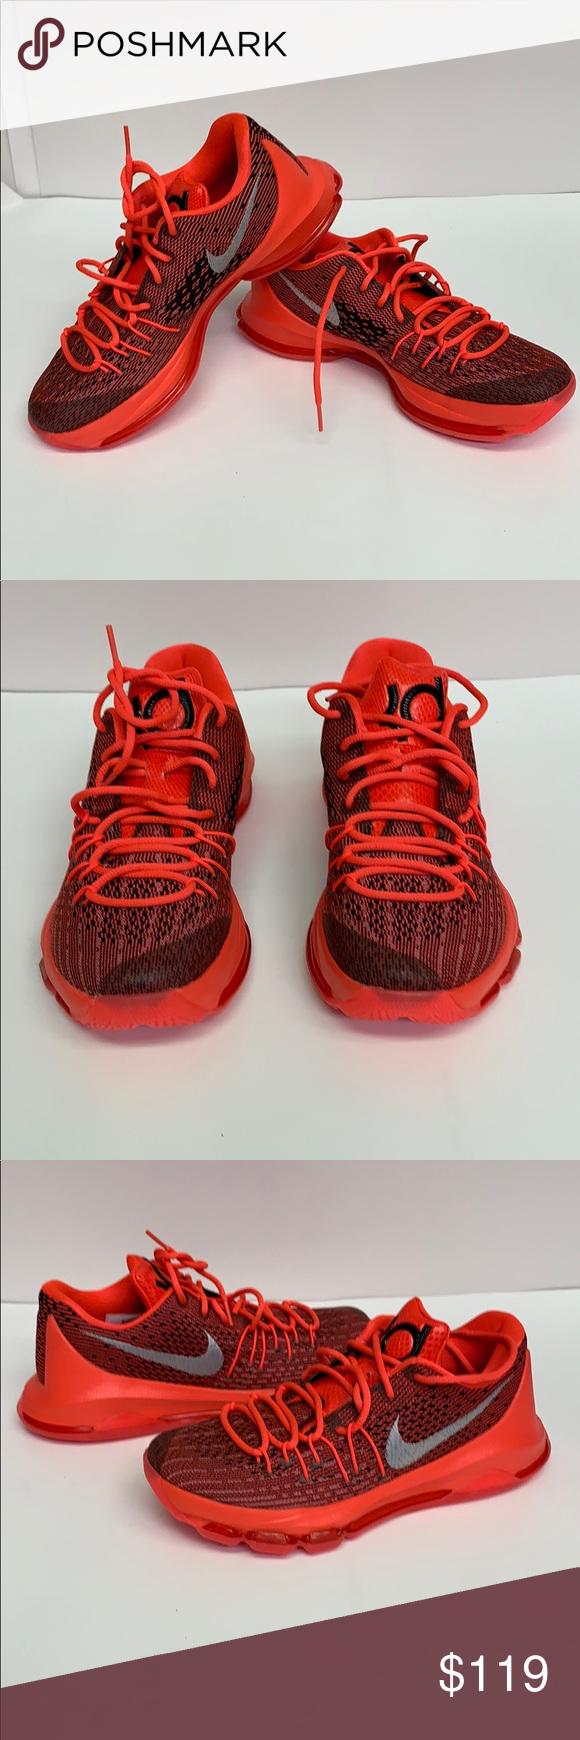 cd24c5b8a9f Nike Men s KD Size 8 Basketball Shoes Nike Men s KD 8 Bright Crimson White